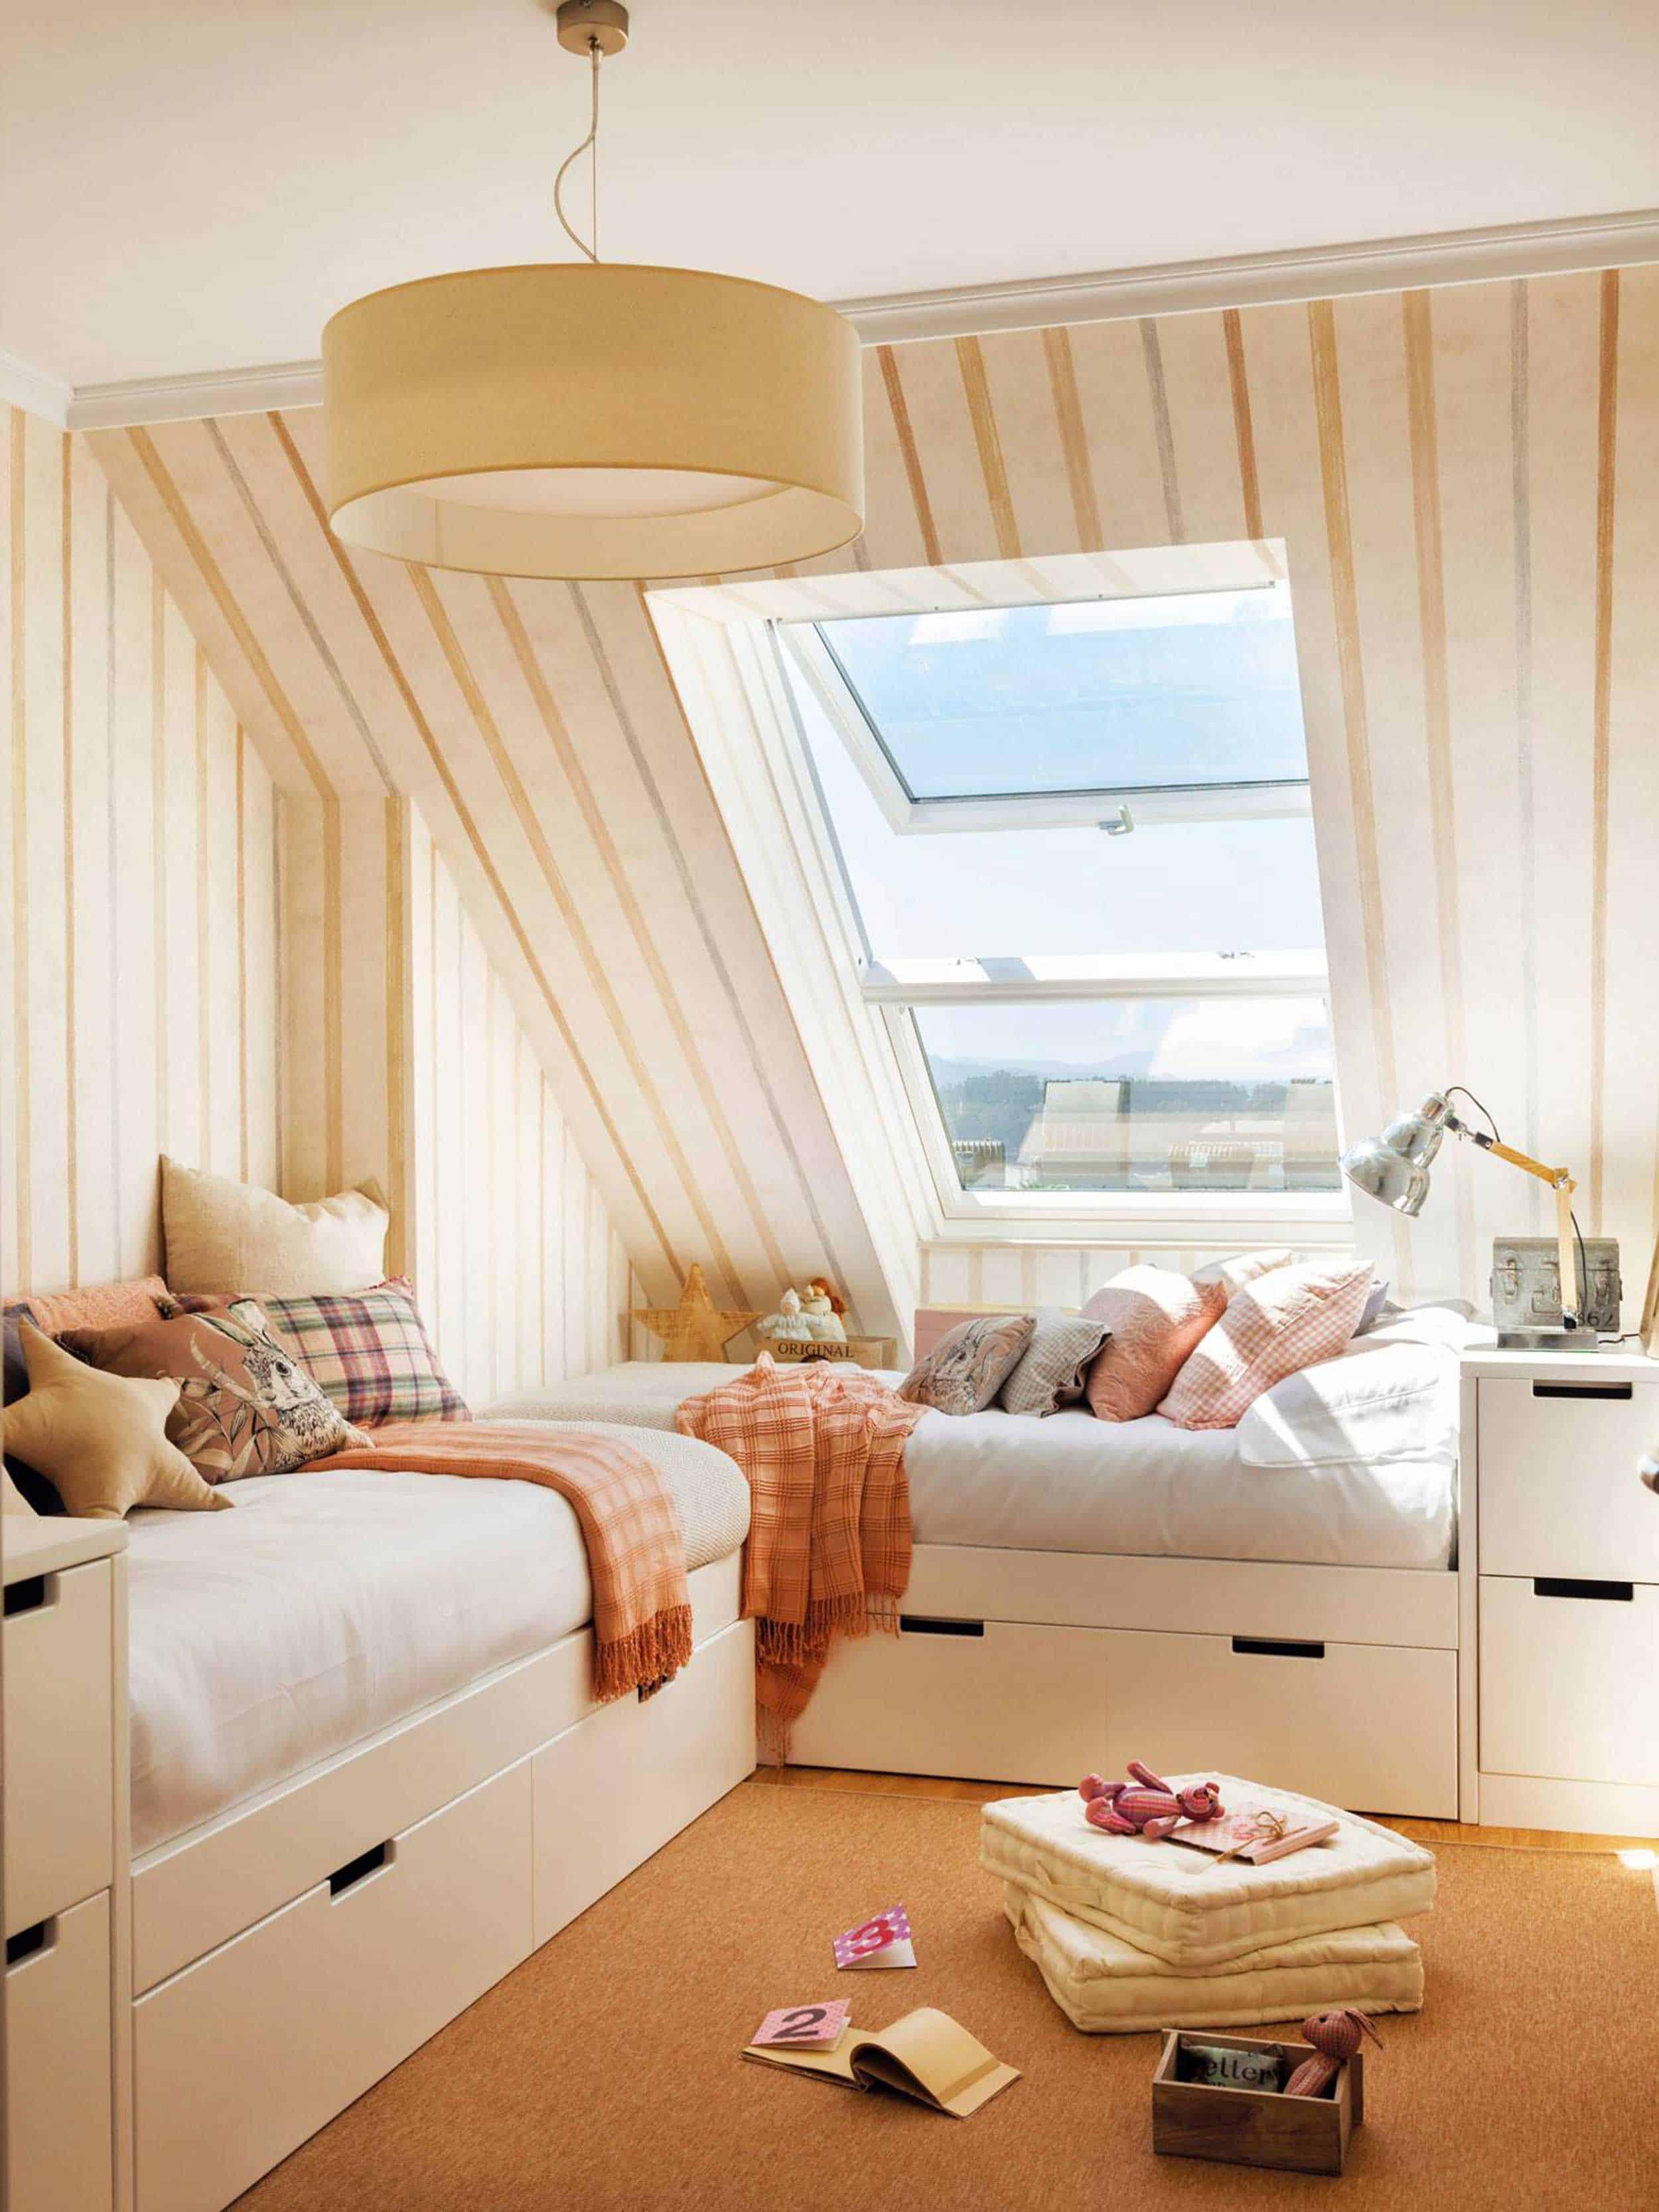 Dormitorio Juvenil Con Cama En L Y Techo Abuhardillado 00466702 2200b818 1500x2000